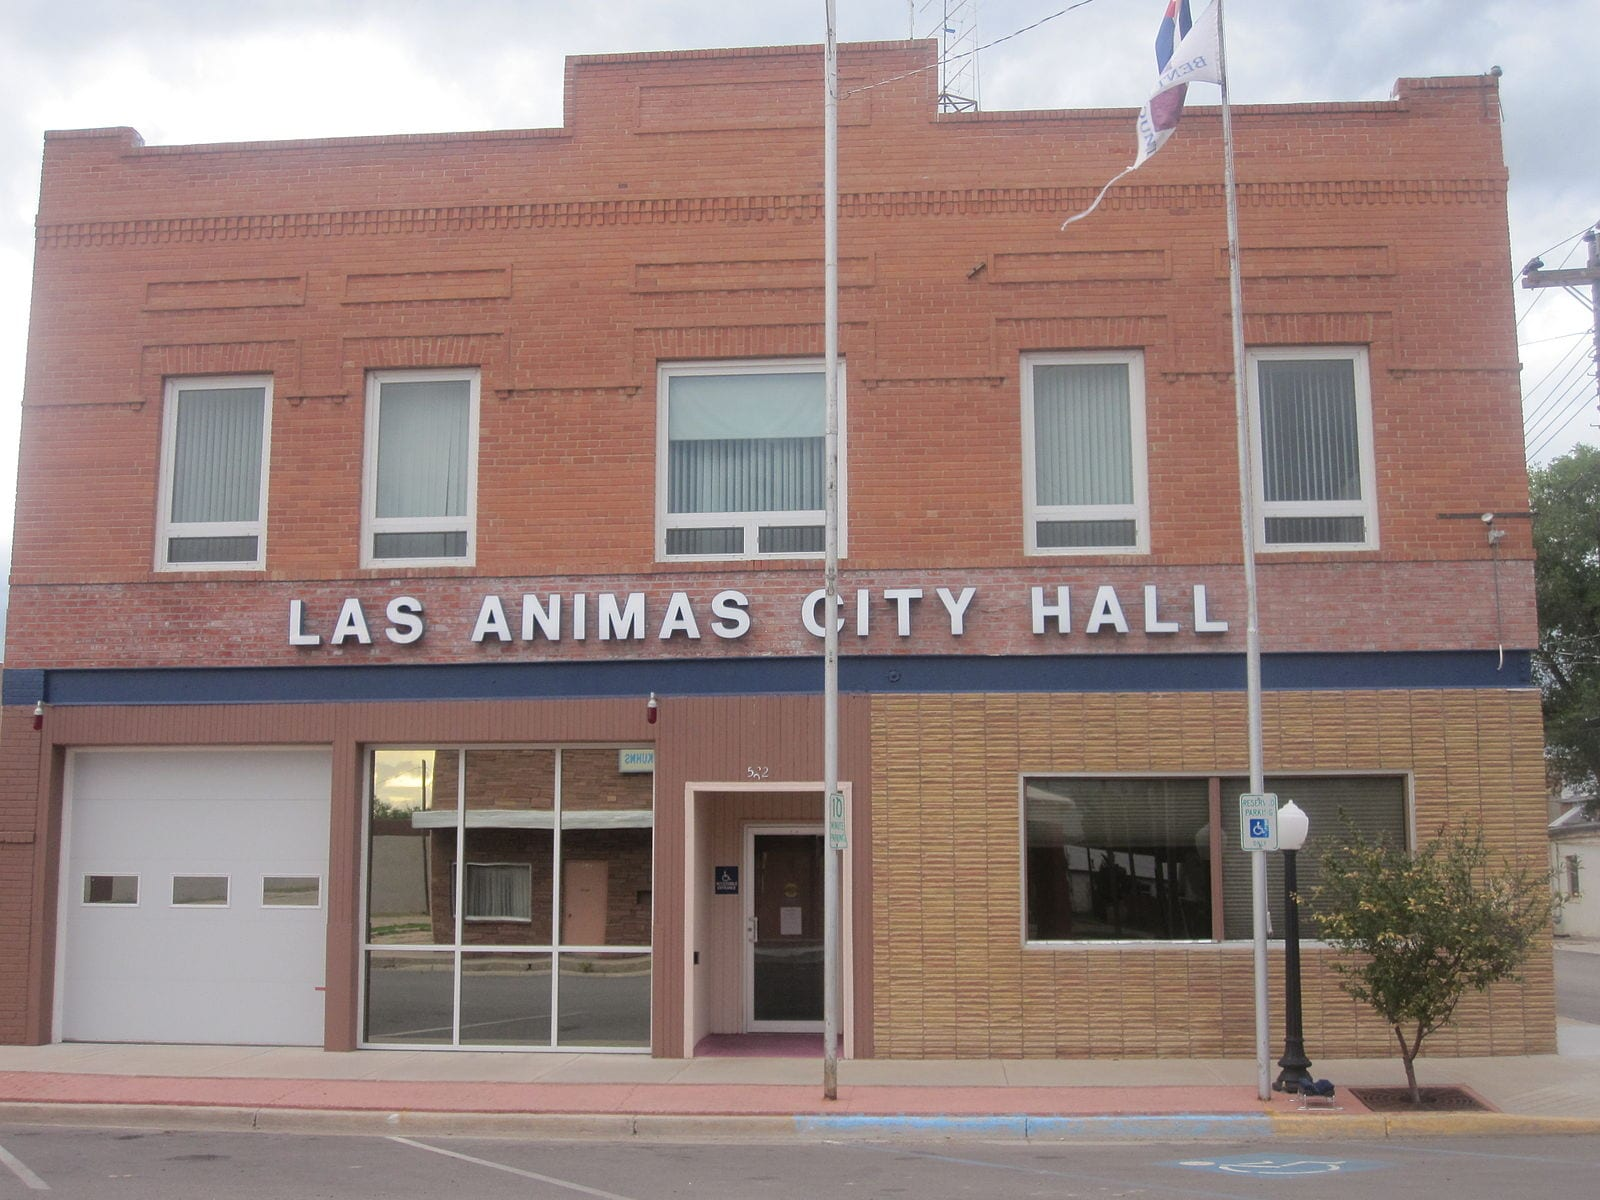 Las Animas Colorado City Hall